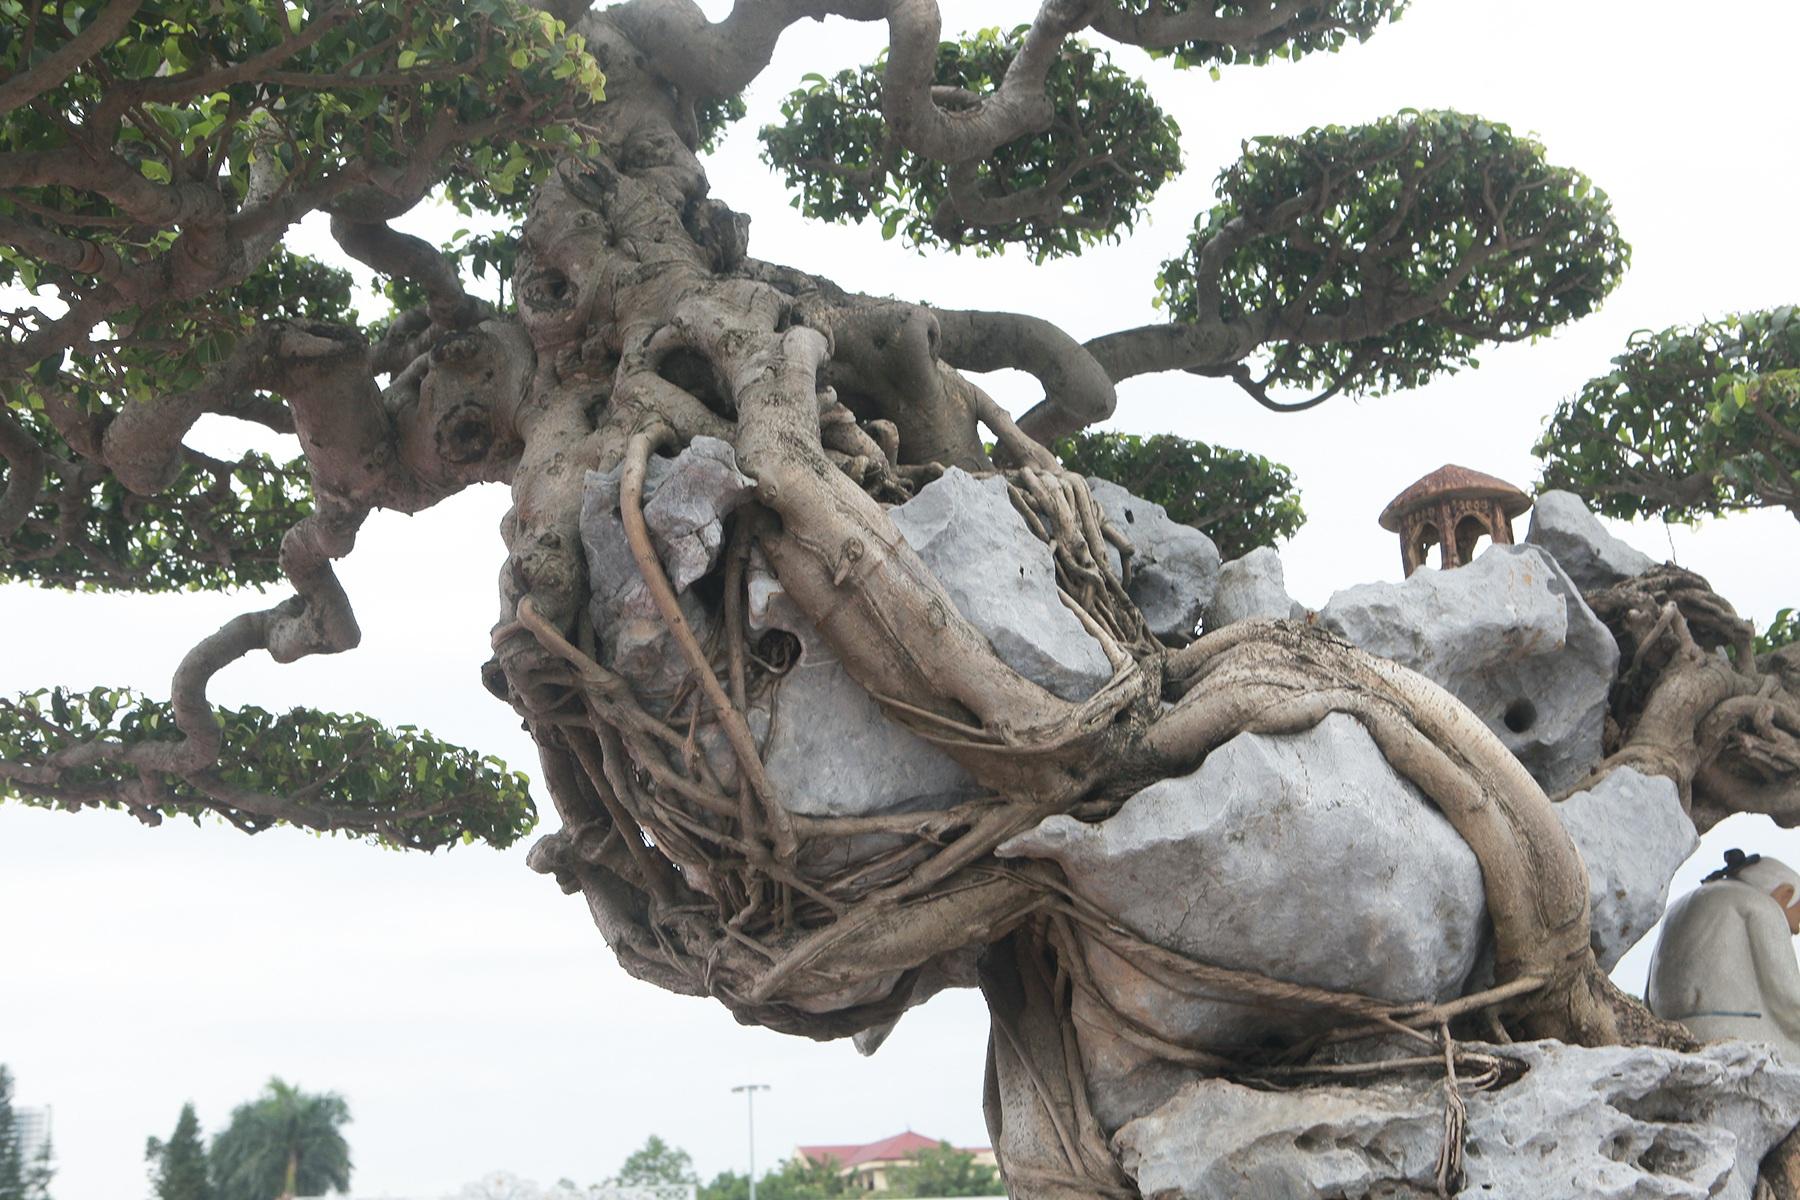 Ngỡ ngàng với huyền thoại sanh cổ ký đá kỳ vĩ nhất Việt Nam - 8